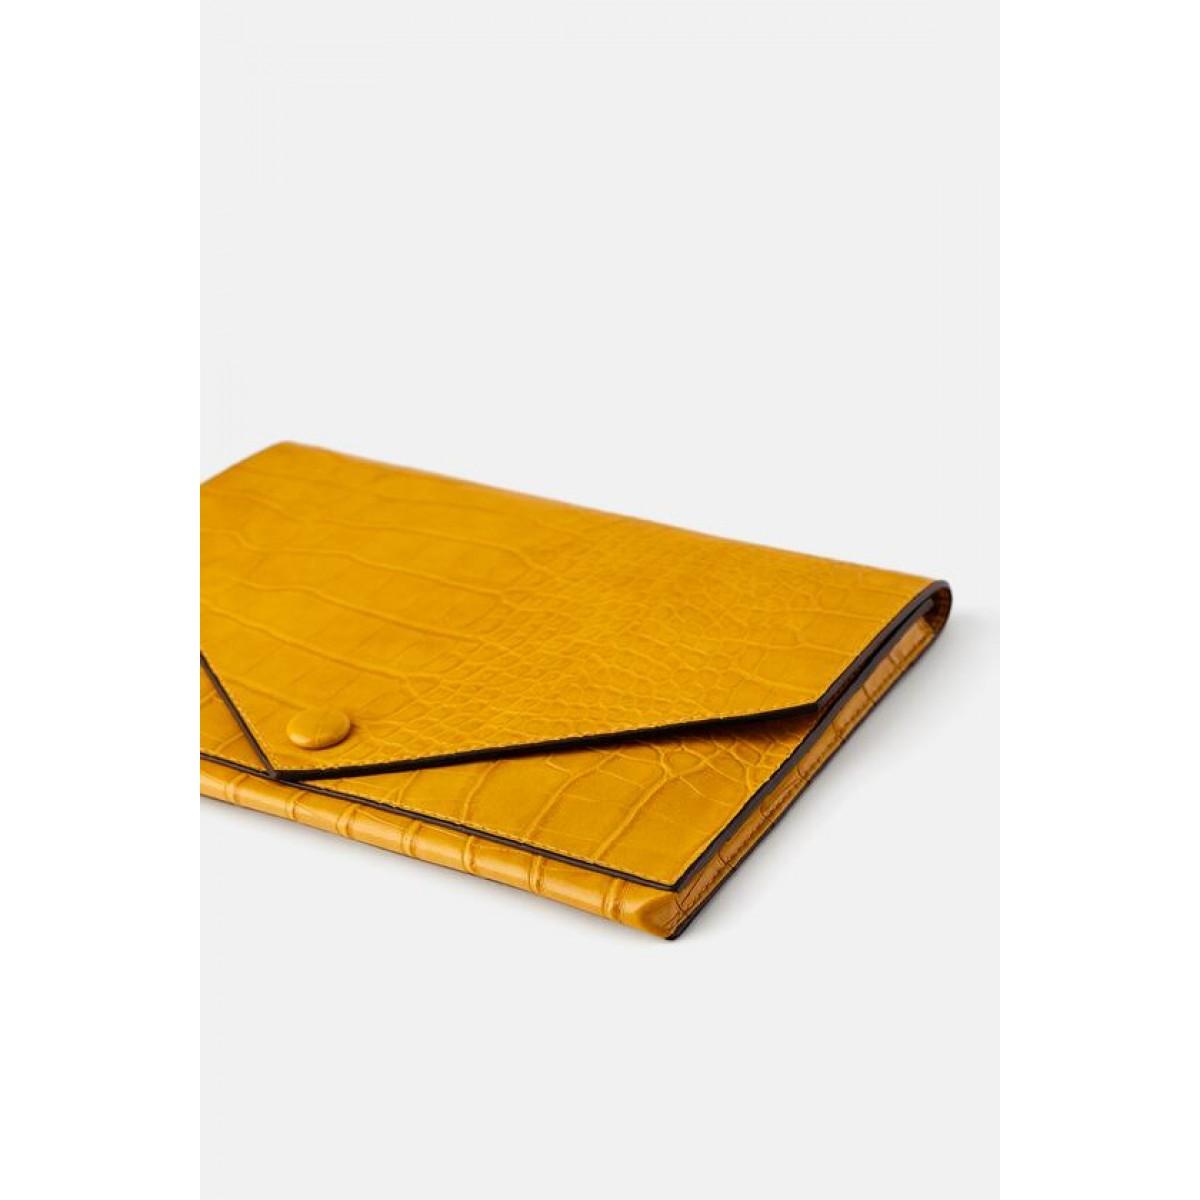 Zara Animal Print Clutch